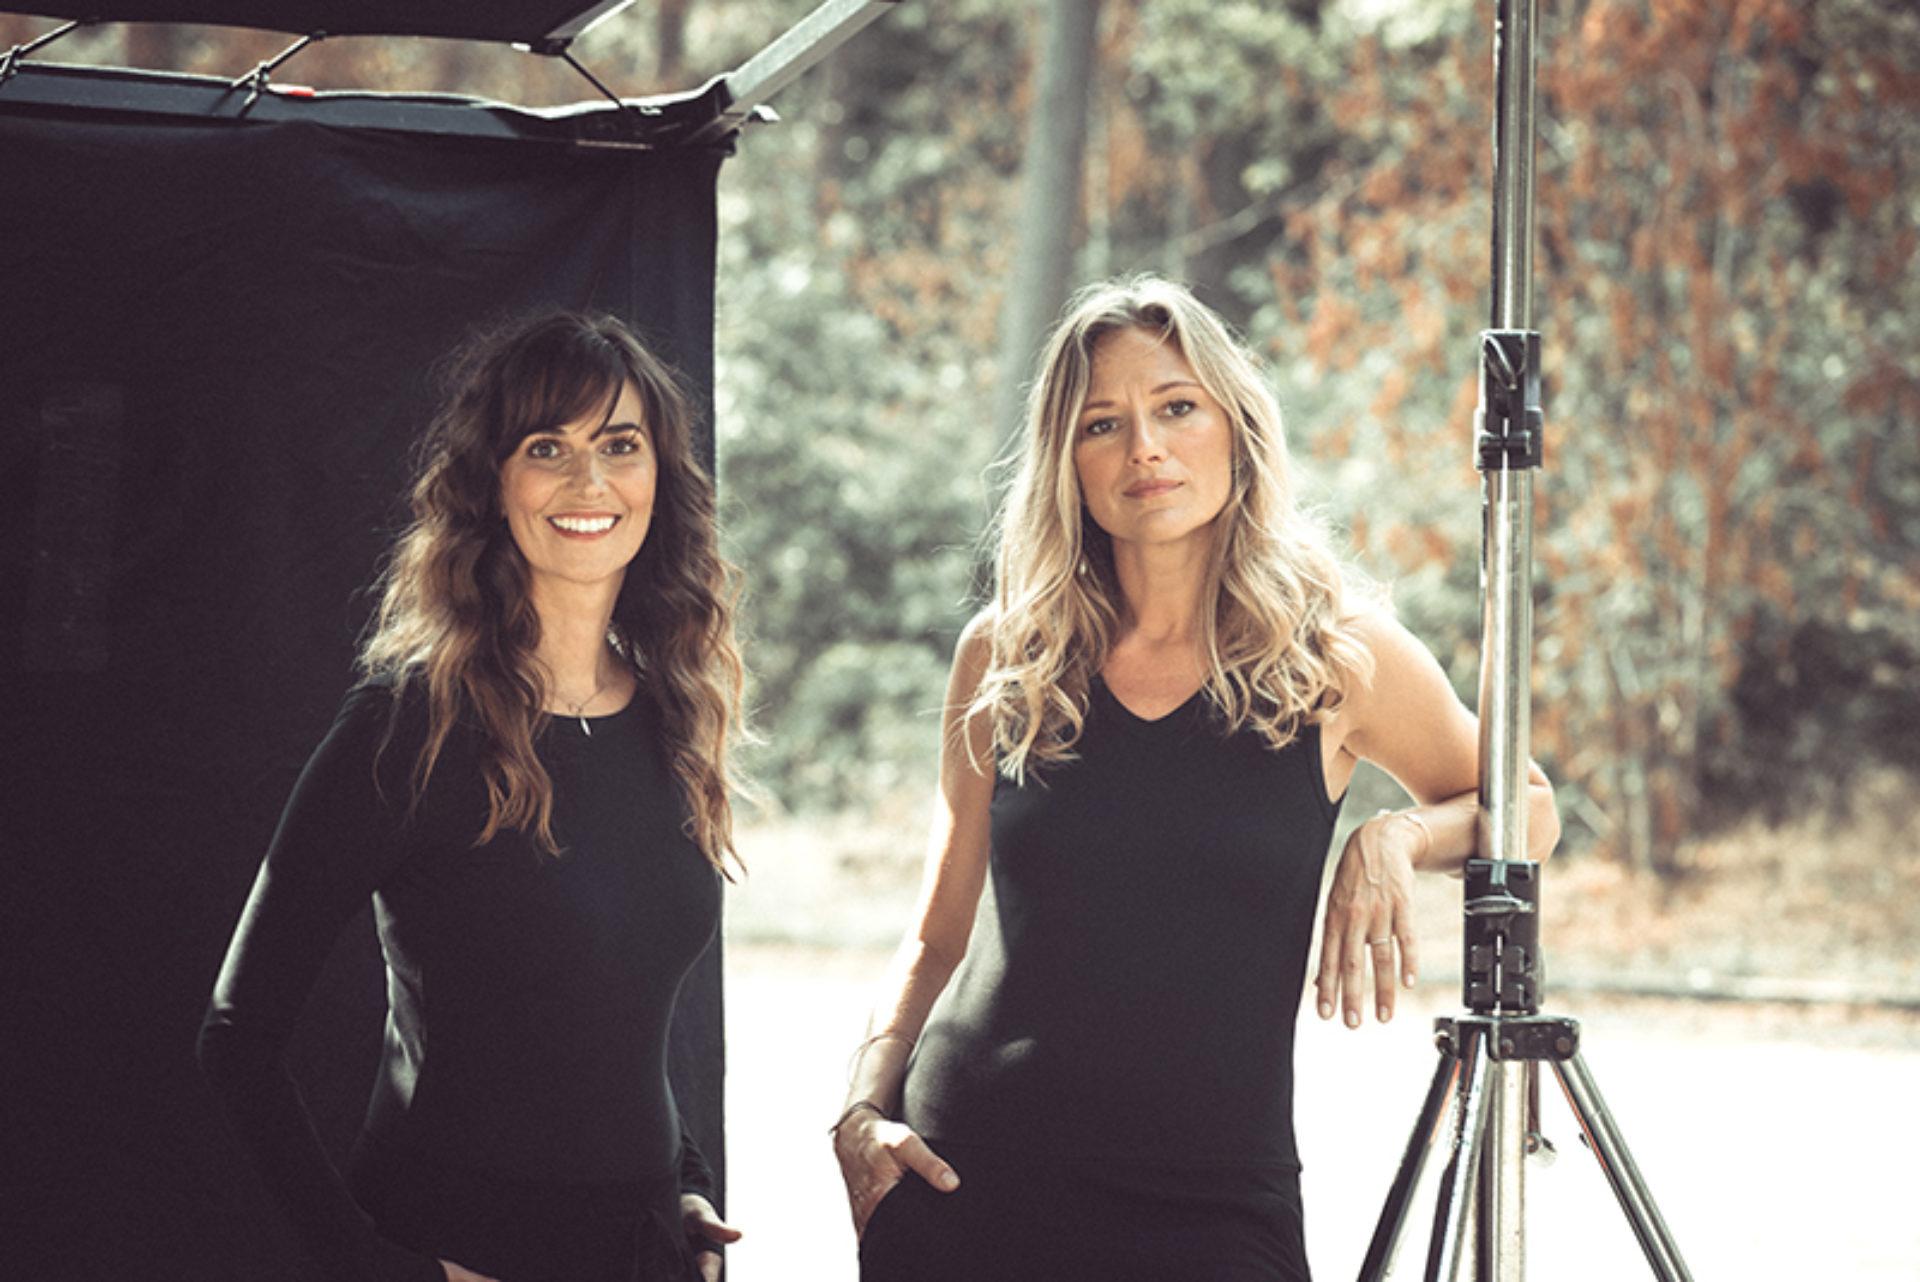 Exclusief interview met Hilde De Baerdemaeker en Katrien Smets